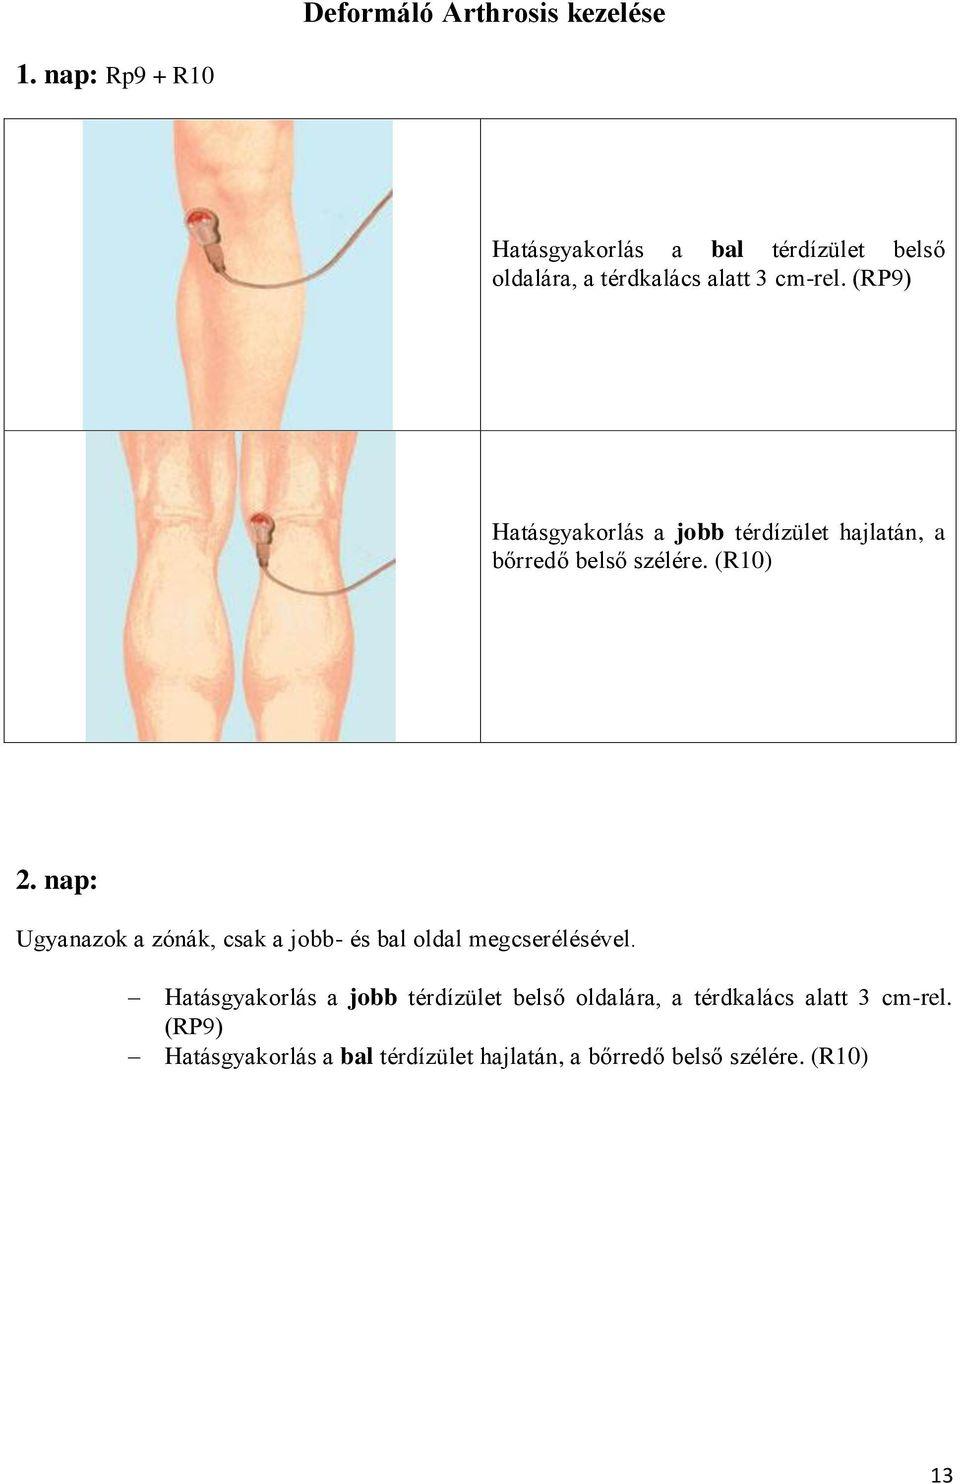 orvosi epe az artrózis kezelésében)